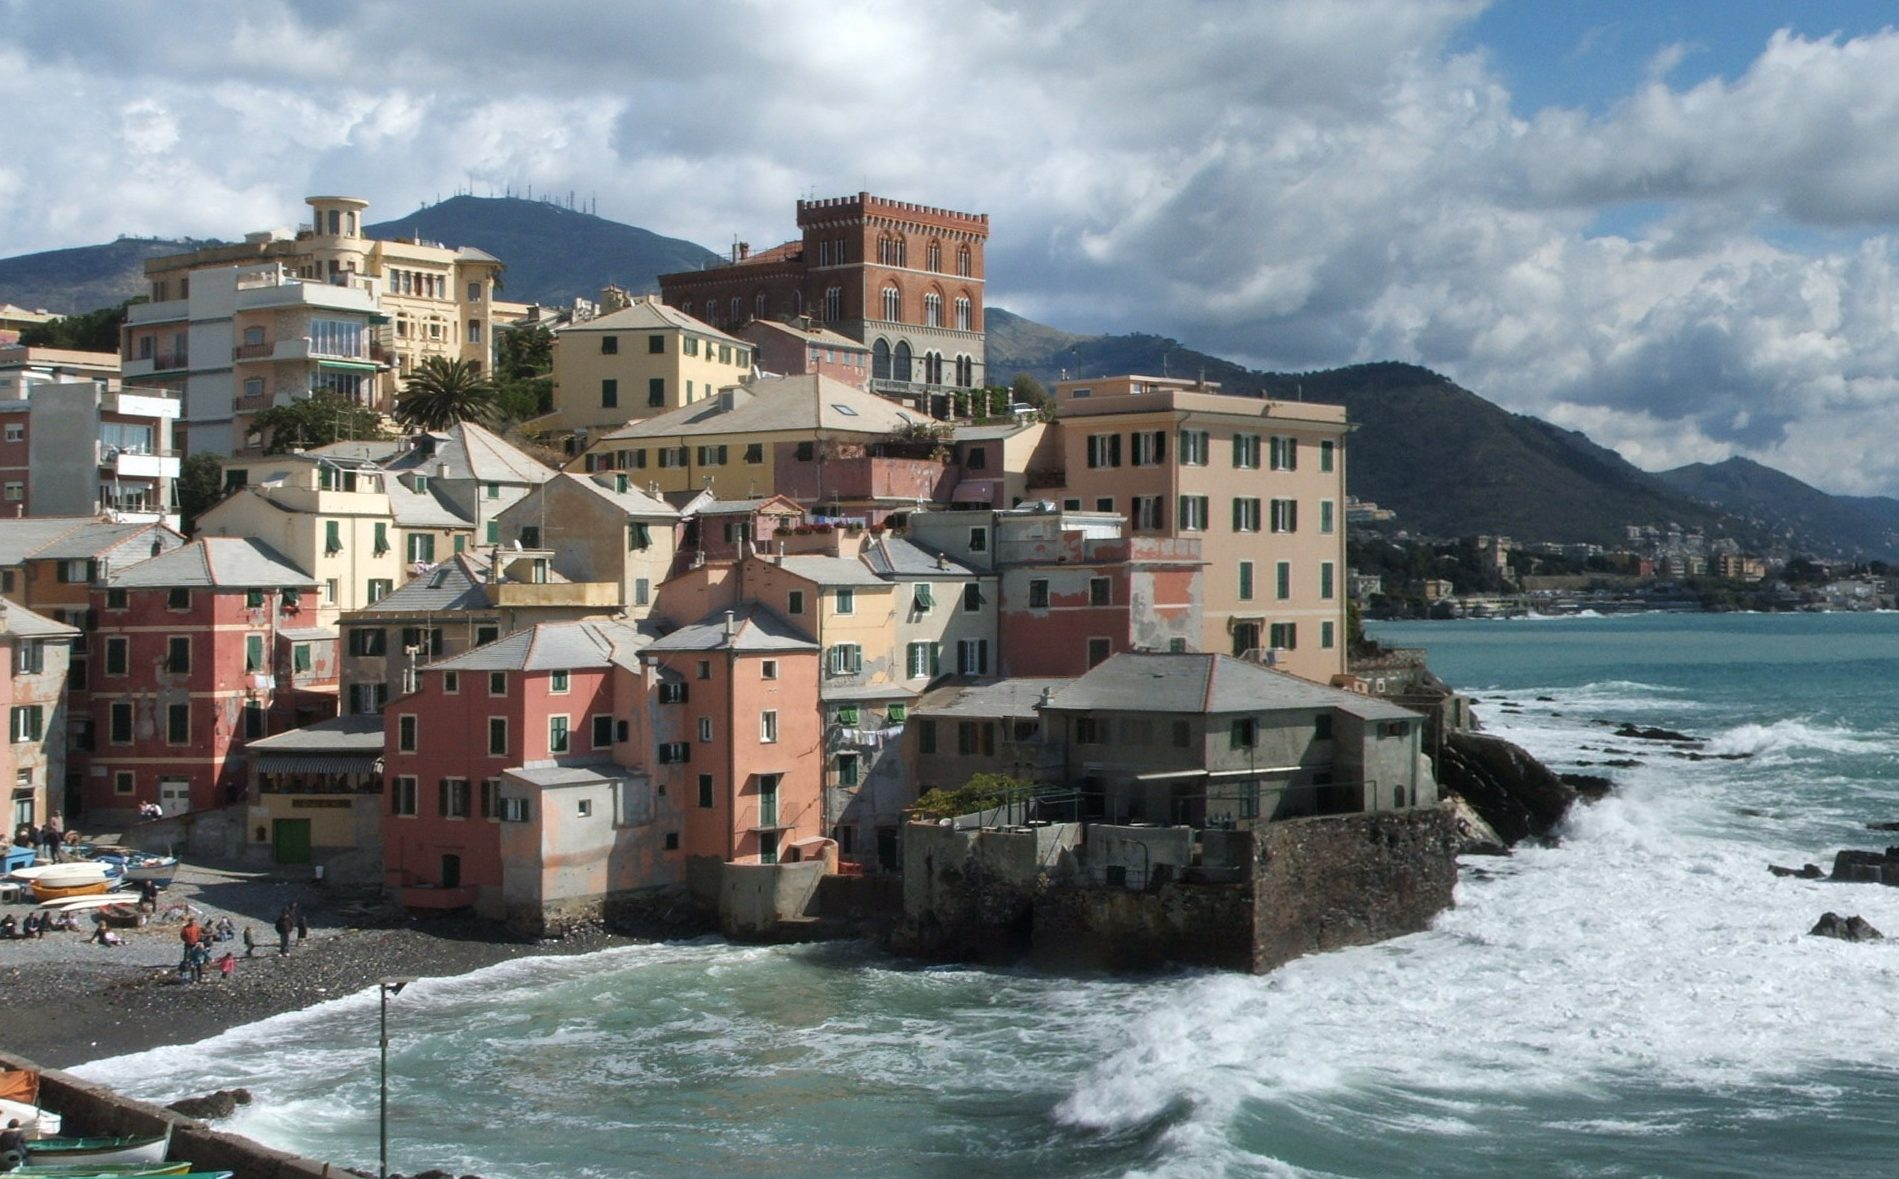 Spiagge di Genova vicino all'Acquario